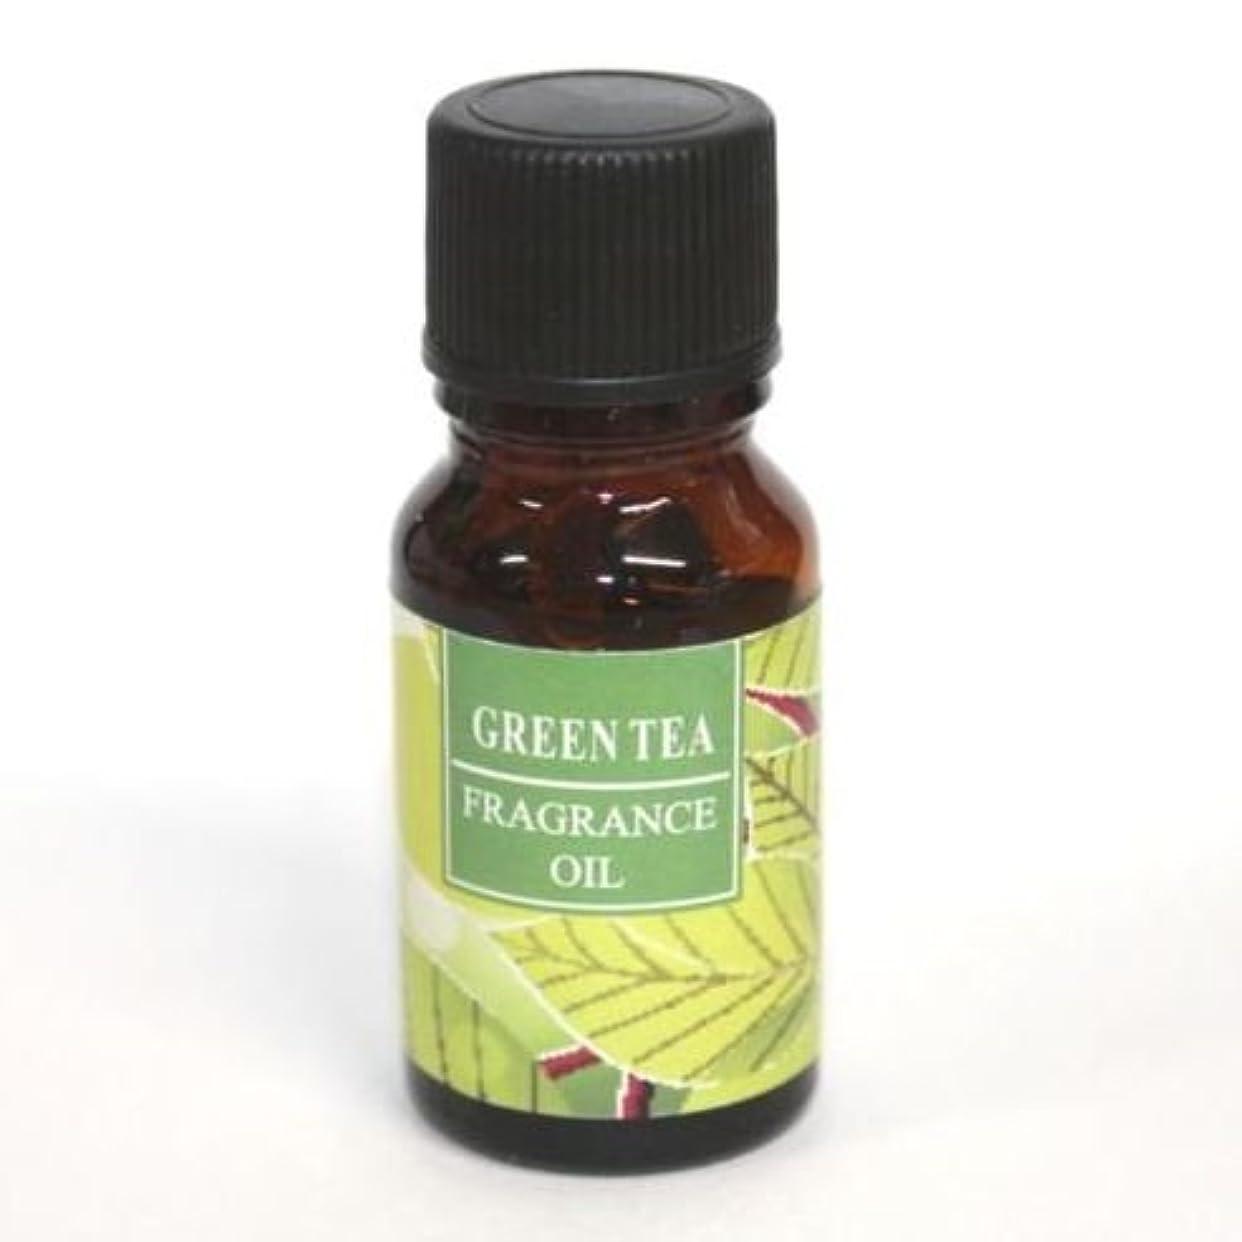 株式会社団結する肘掛け椅子RELAXING アロマオイル AROMA OIL フレグランスオイル GREEN TEA 緑茶の香り RQ-09